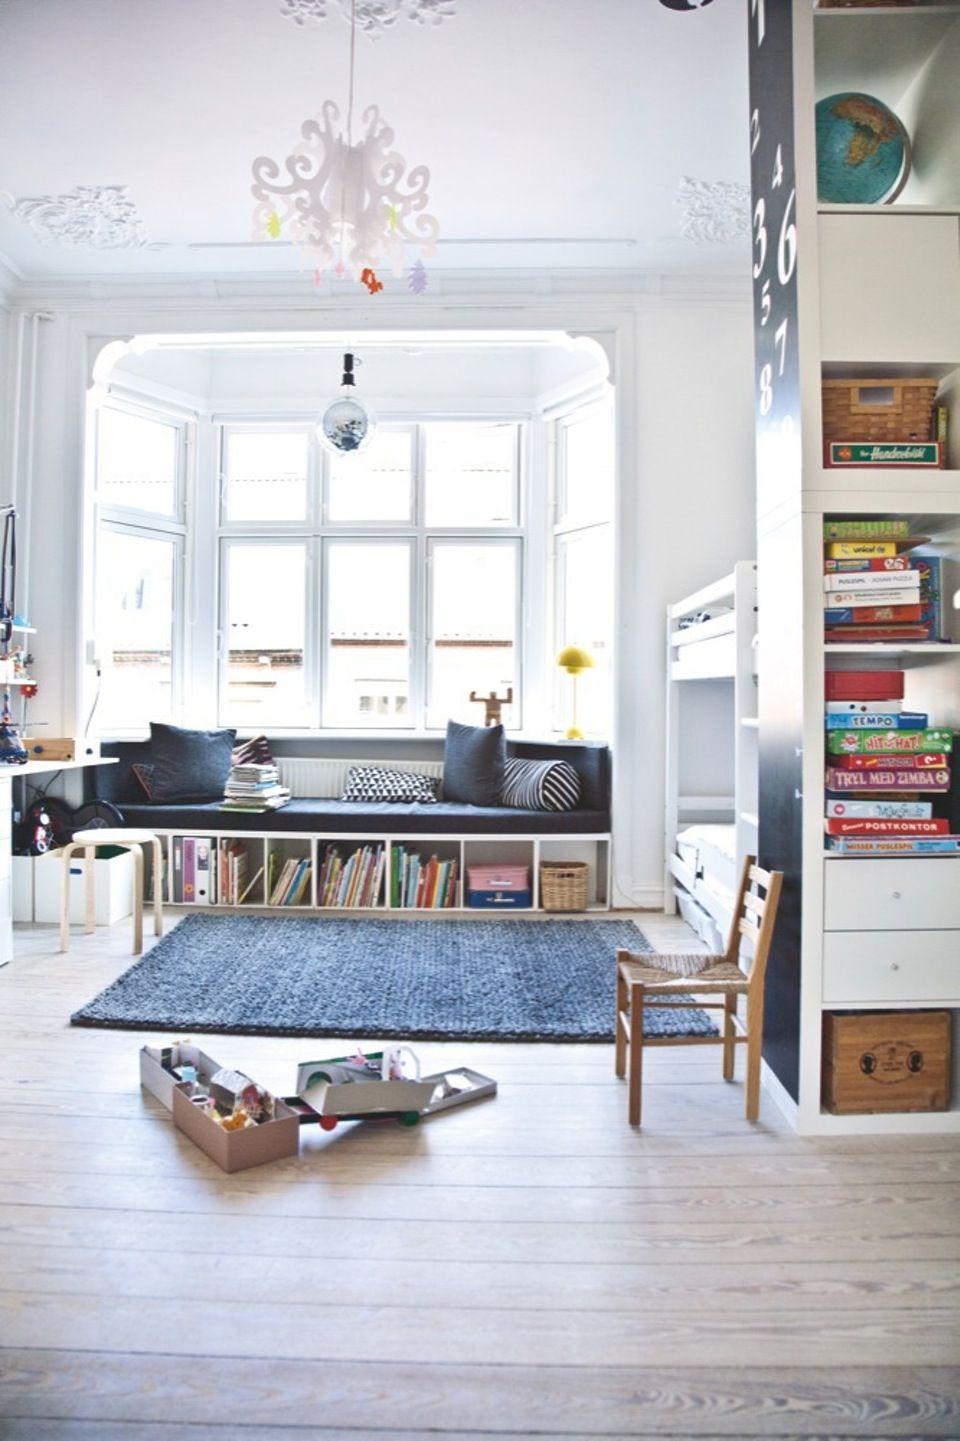 Kom indenfor i arkitektens levende hjem | Boligmagasinet.dk